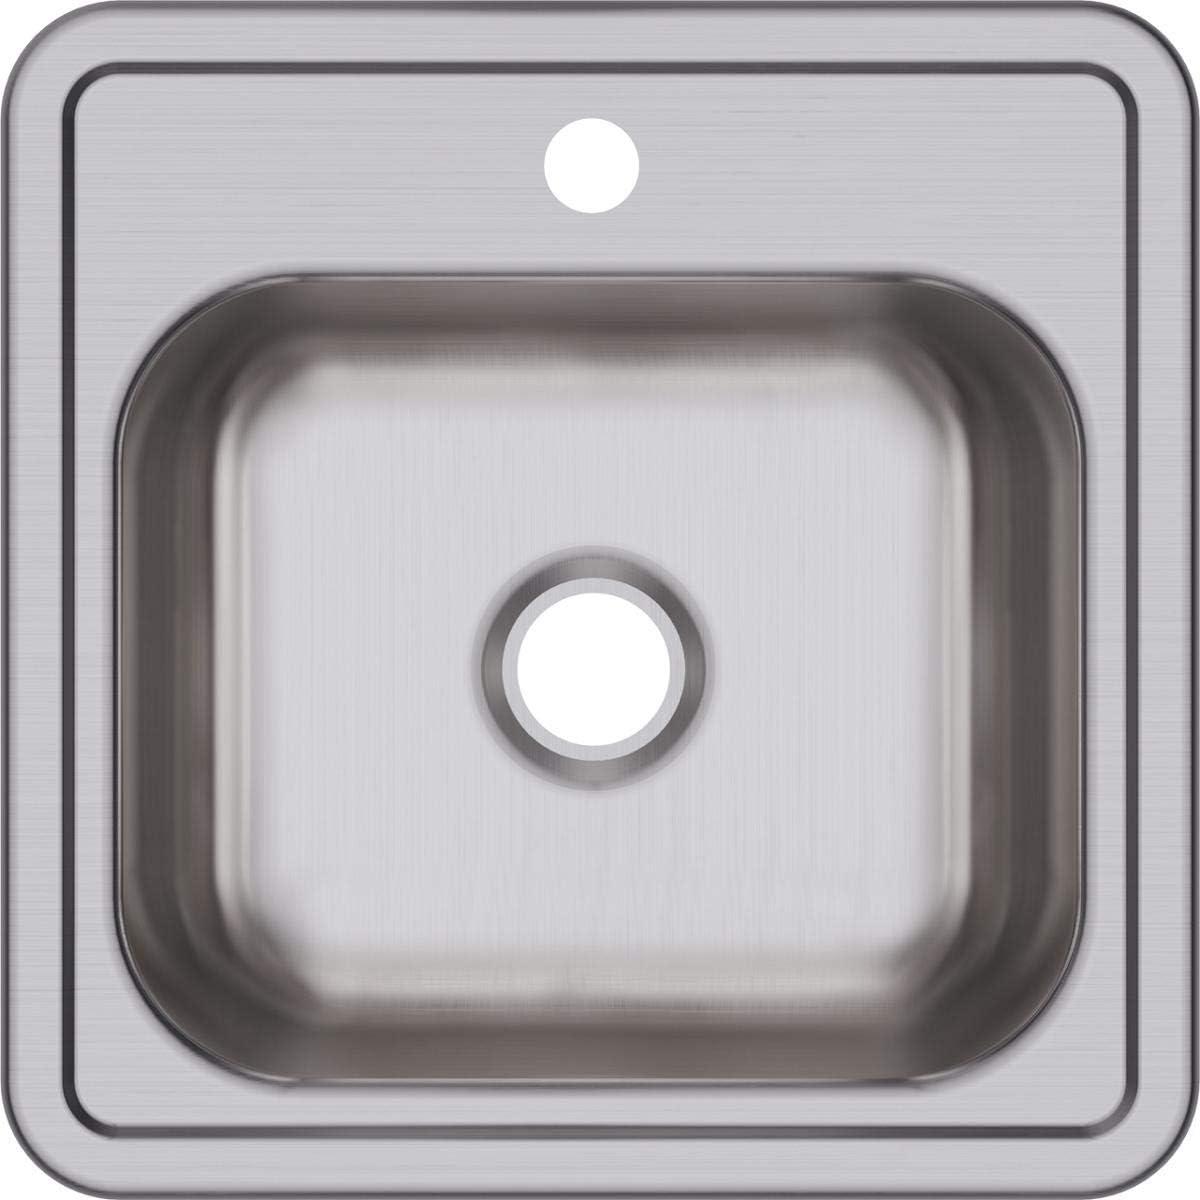 Dayton D115152 Single Bowl Top Mount Stainless Steel Bar Sink